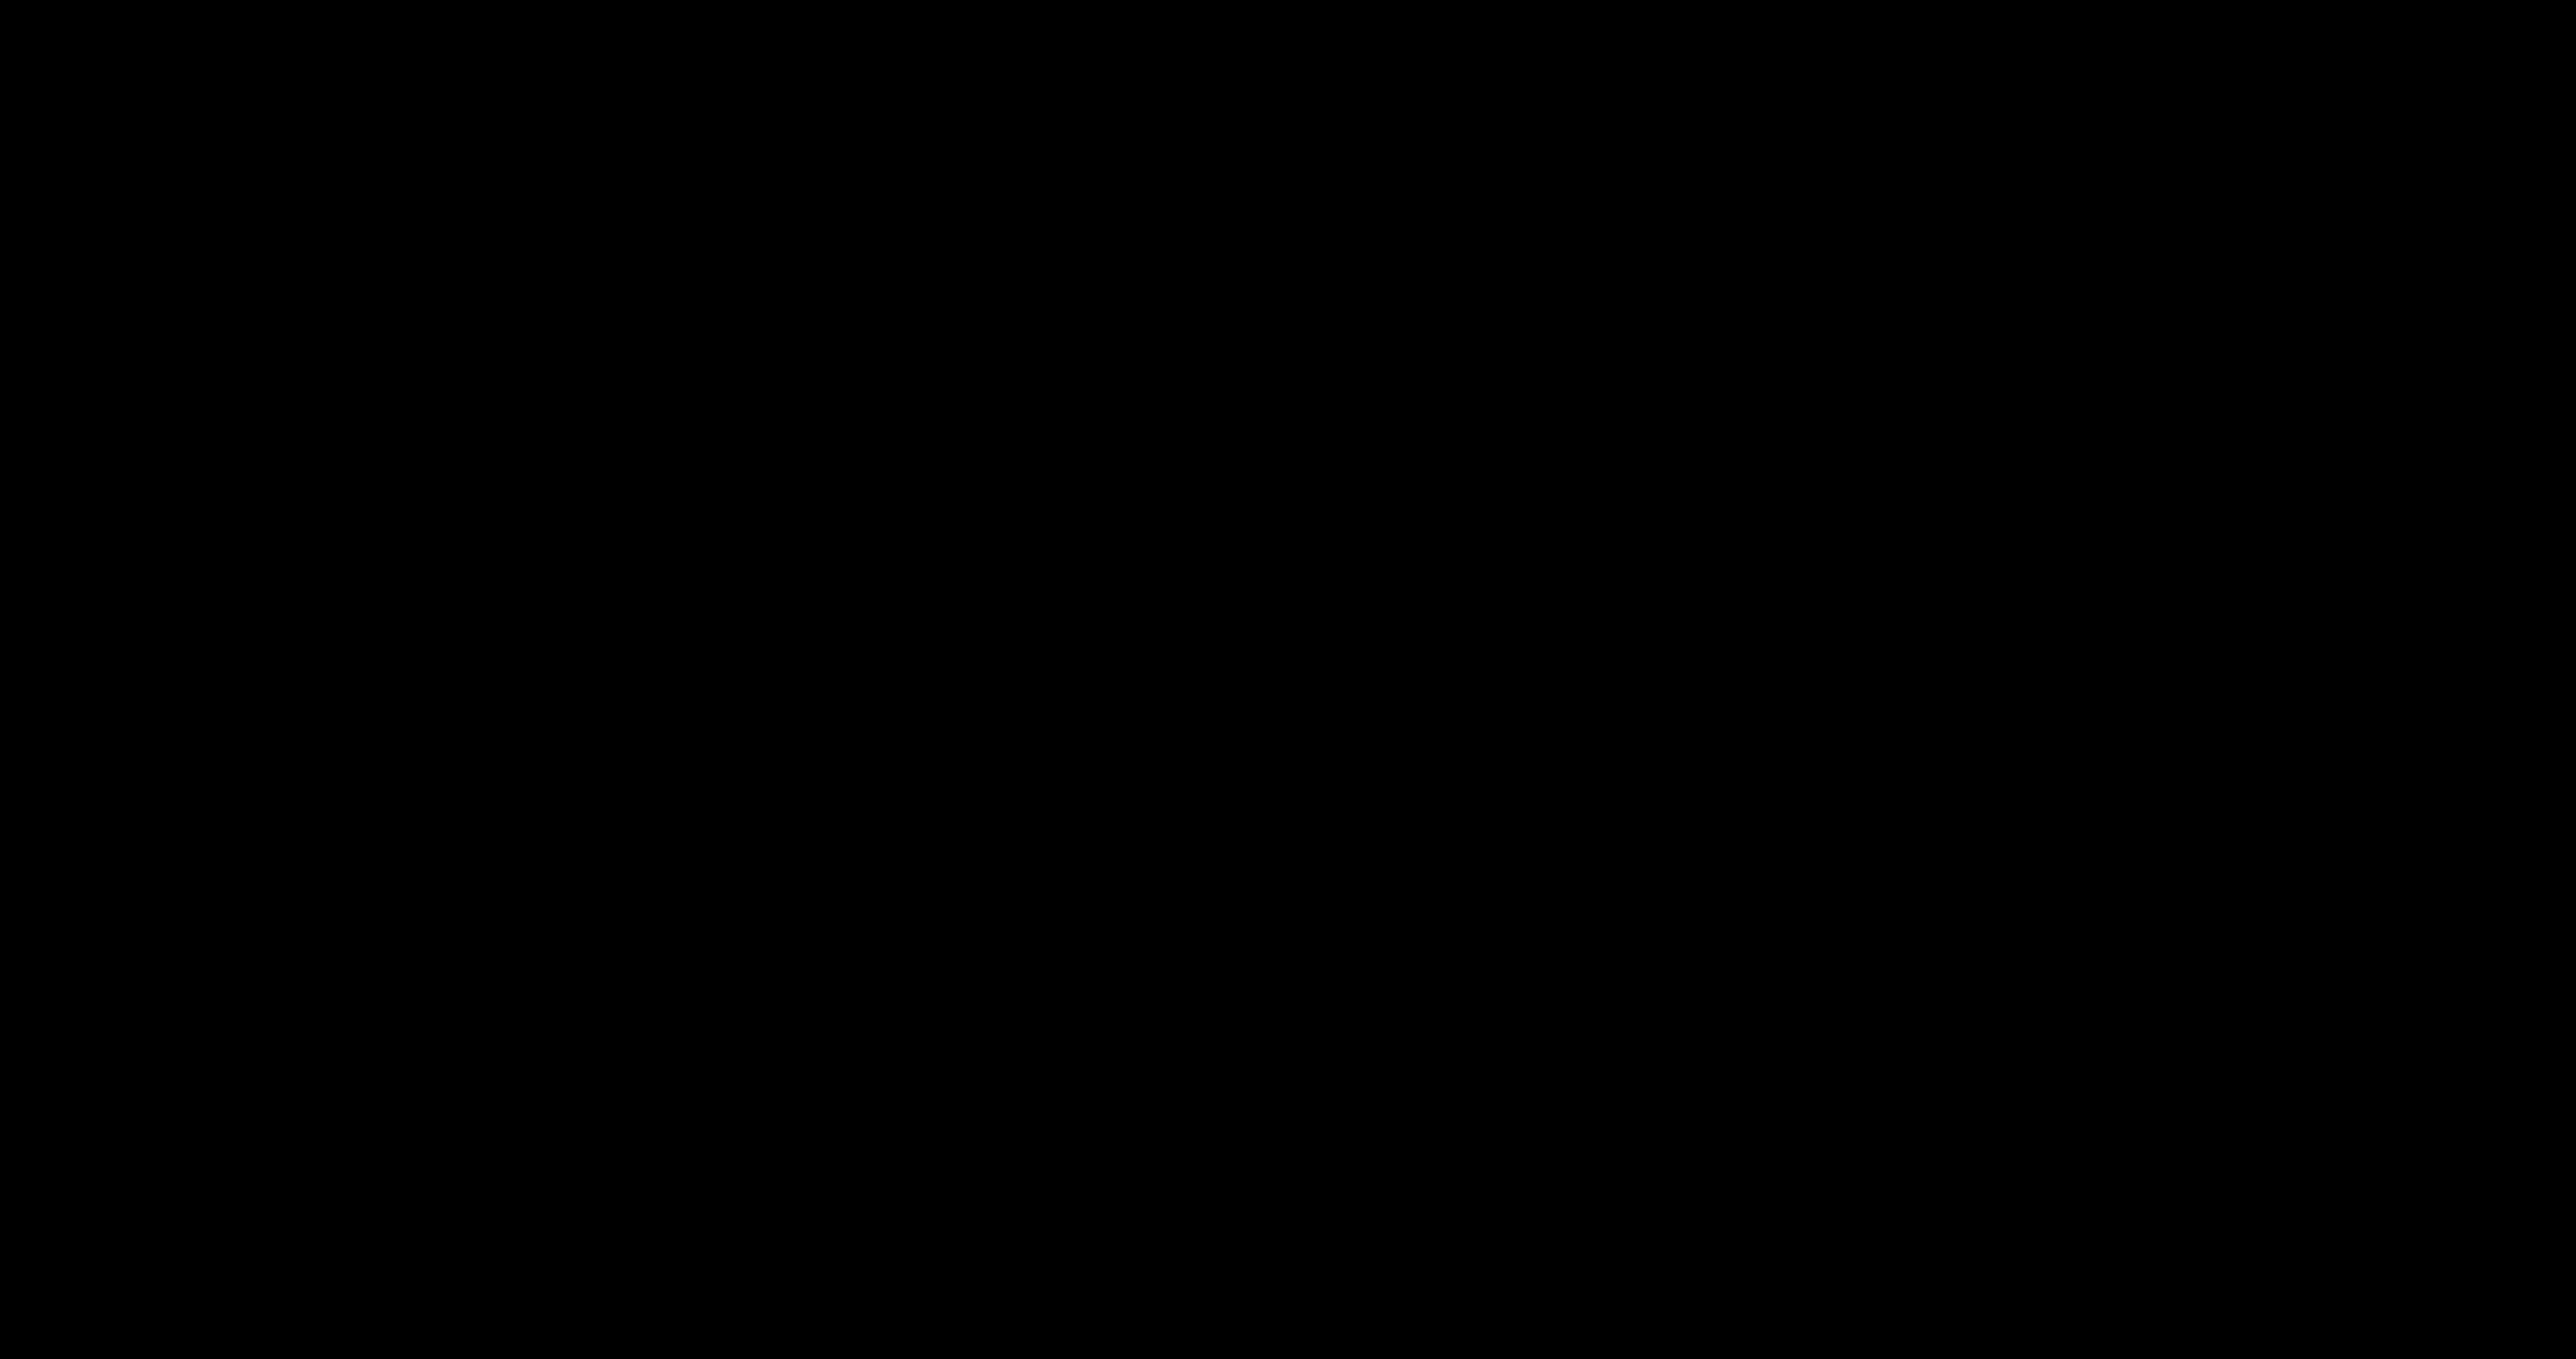 GDATA Antivirus Review